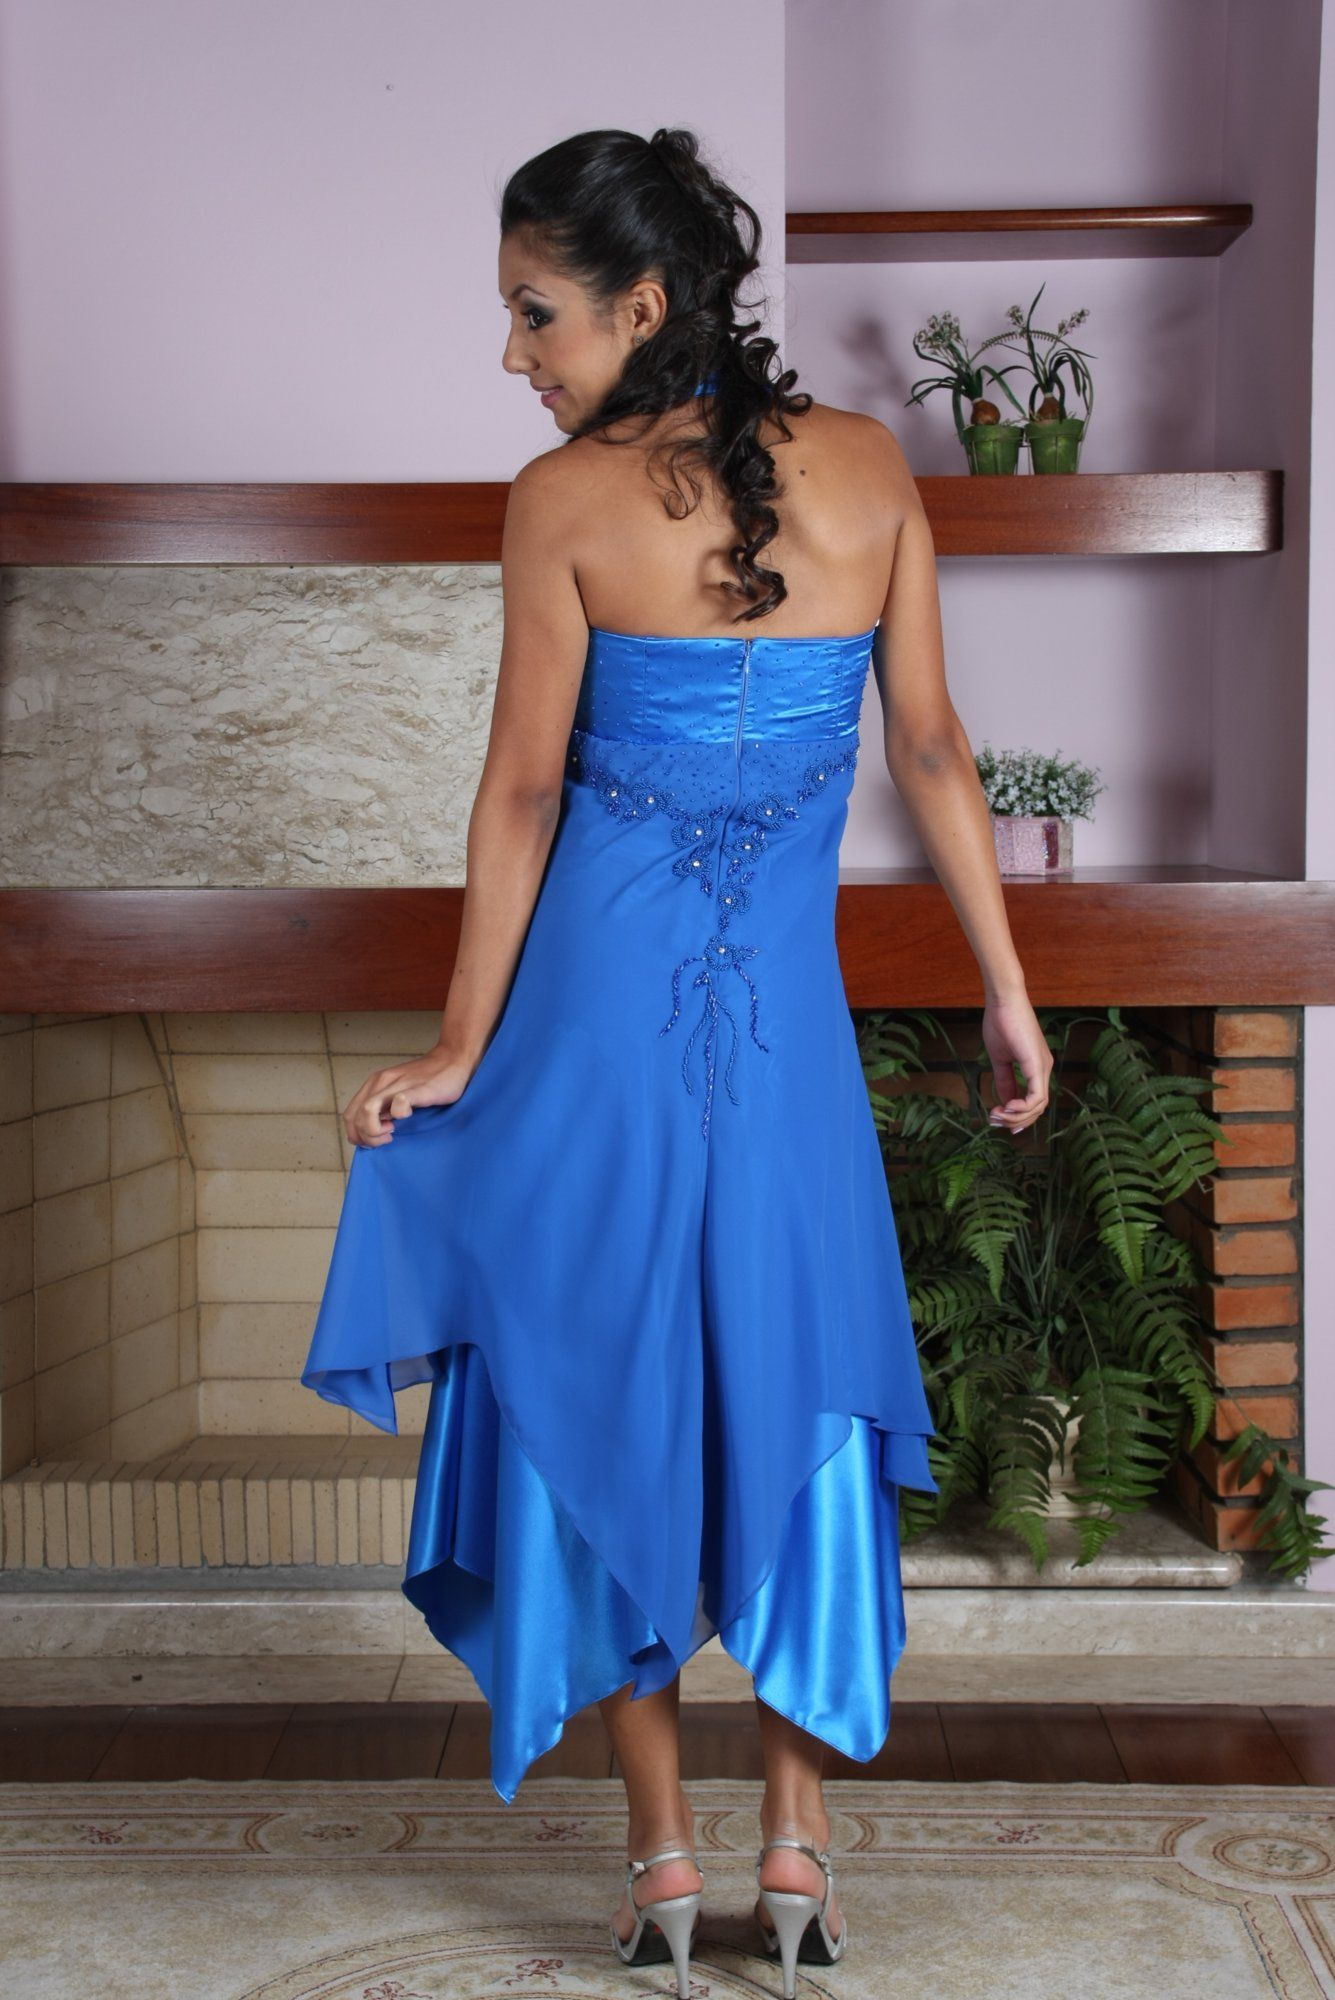 Vestido de Debutante Azul - 4 - Hipnose Alta Costura e Spa para Noivas e Noivos - Campinas - SP Vestido de Debutante, Vestido de Debutante Azul, Hipnose Alta Costura